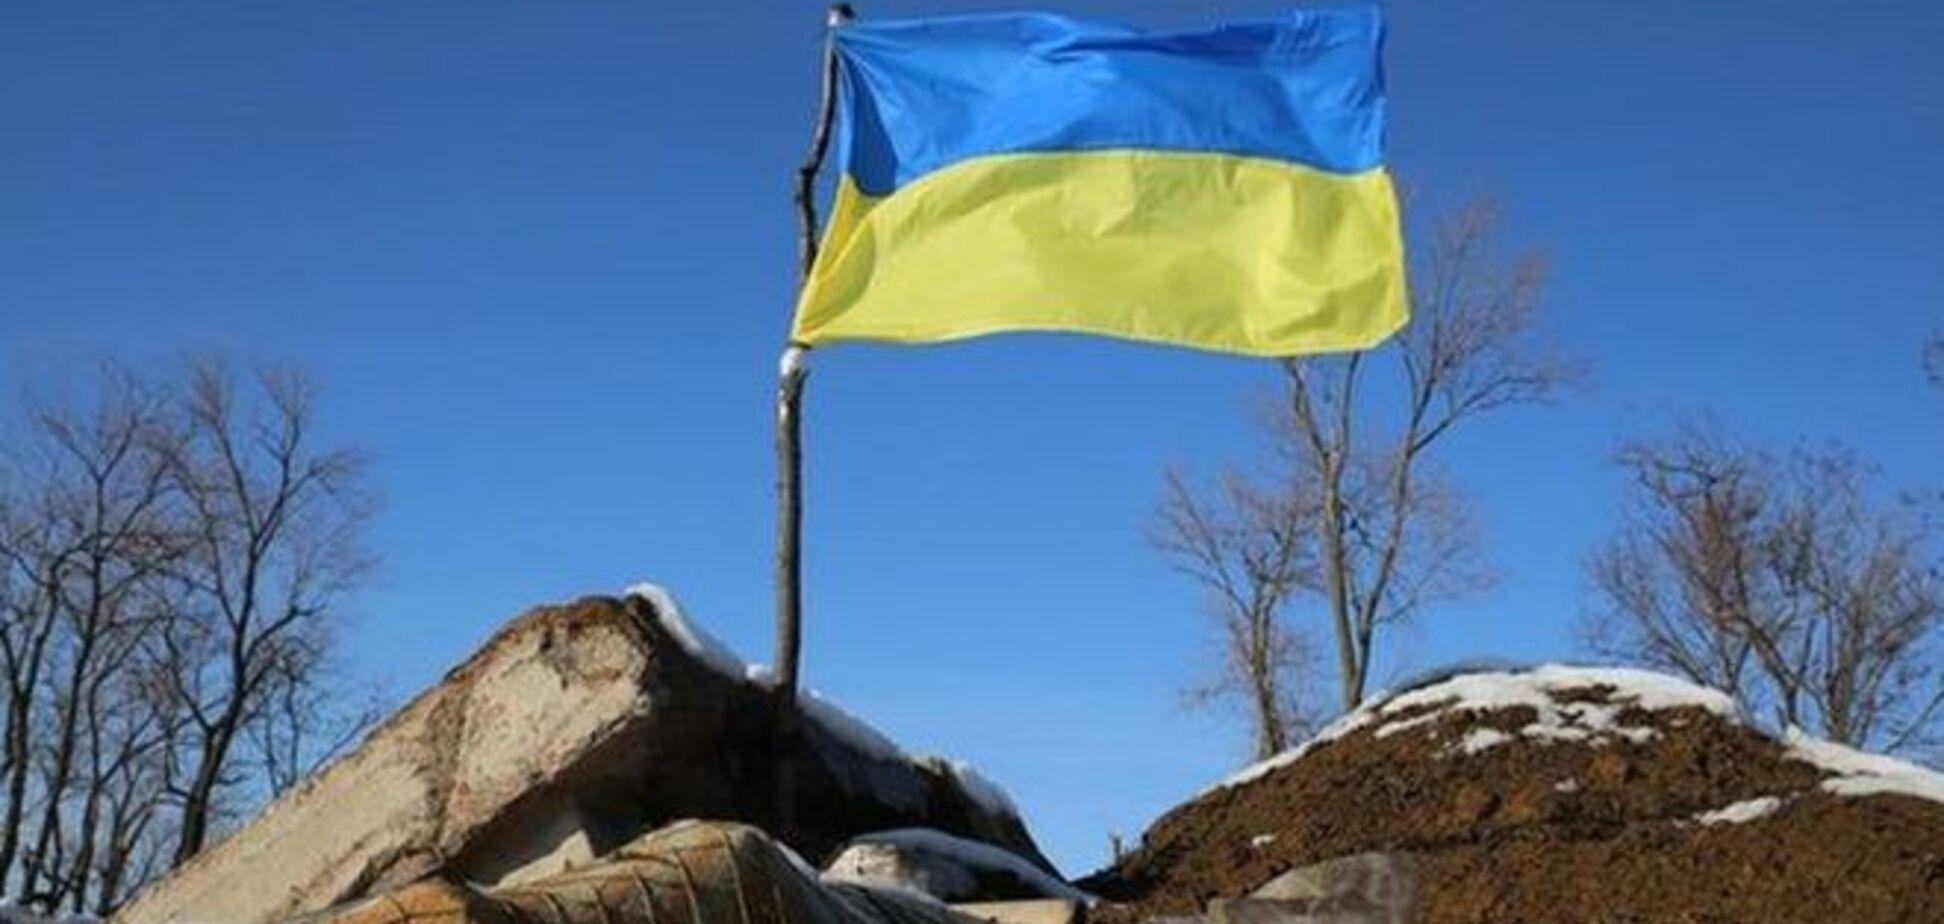 На Рівненщині два села відгородилися блокпостами через сварки і бійки